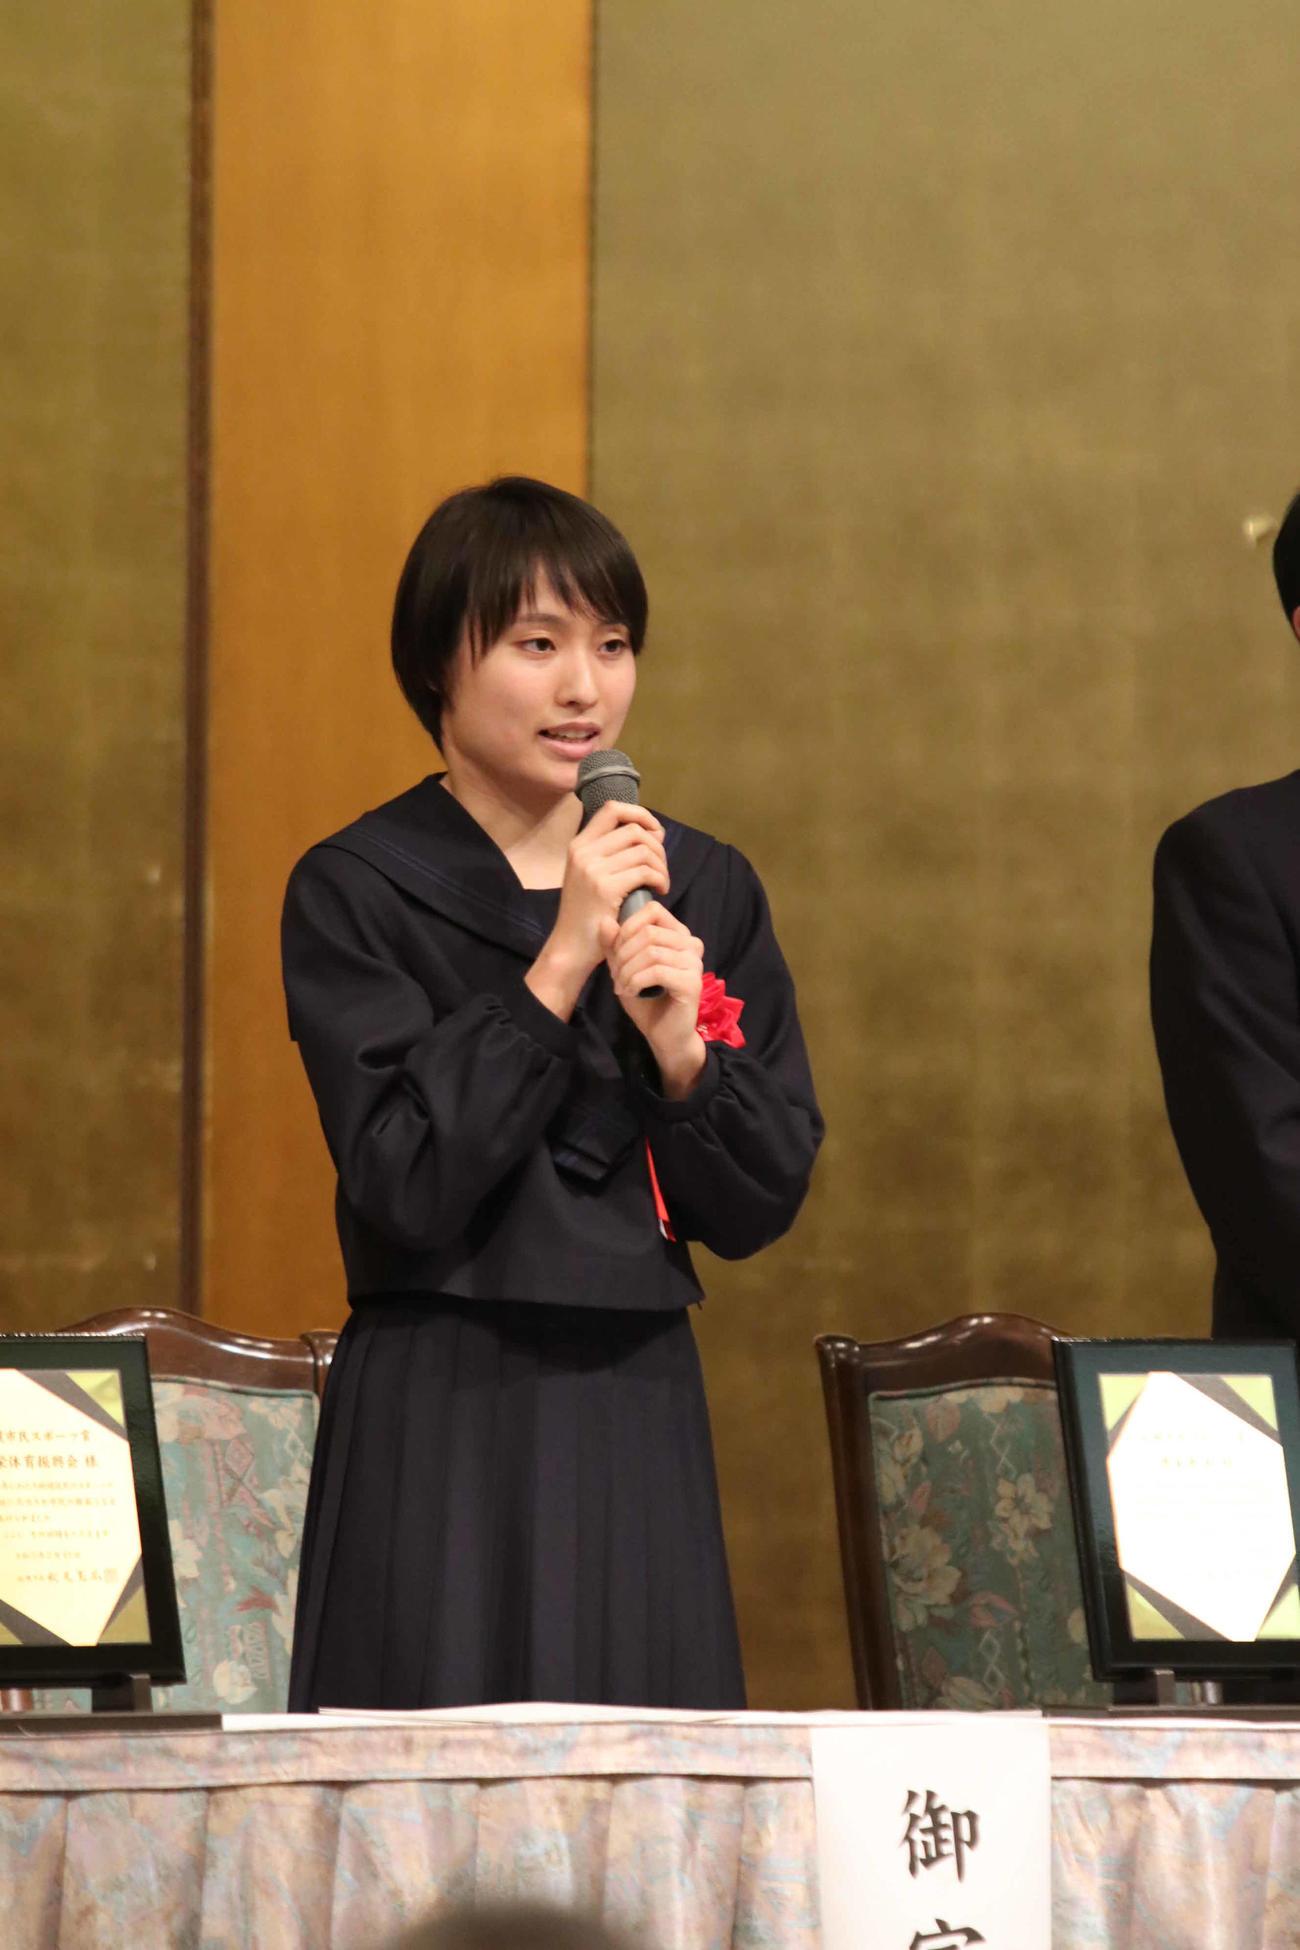 札幌市民スポーツ賞贈呈式であいさつをする御家瀬(撮影・西塚祐司)